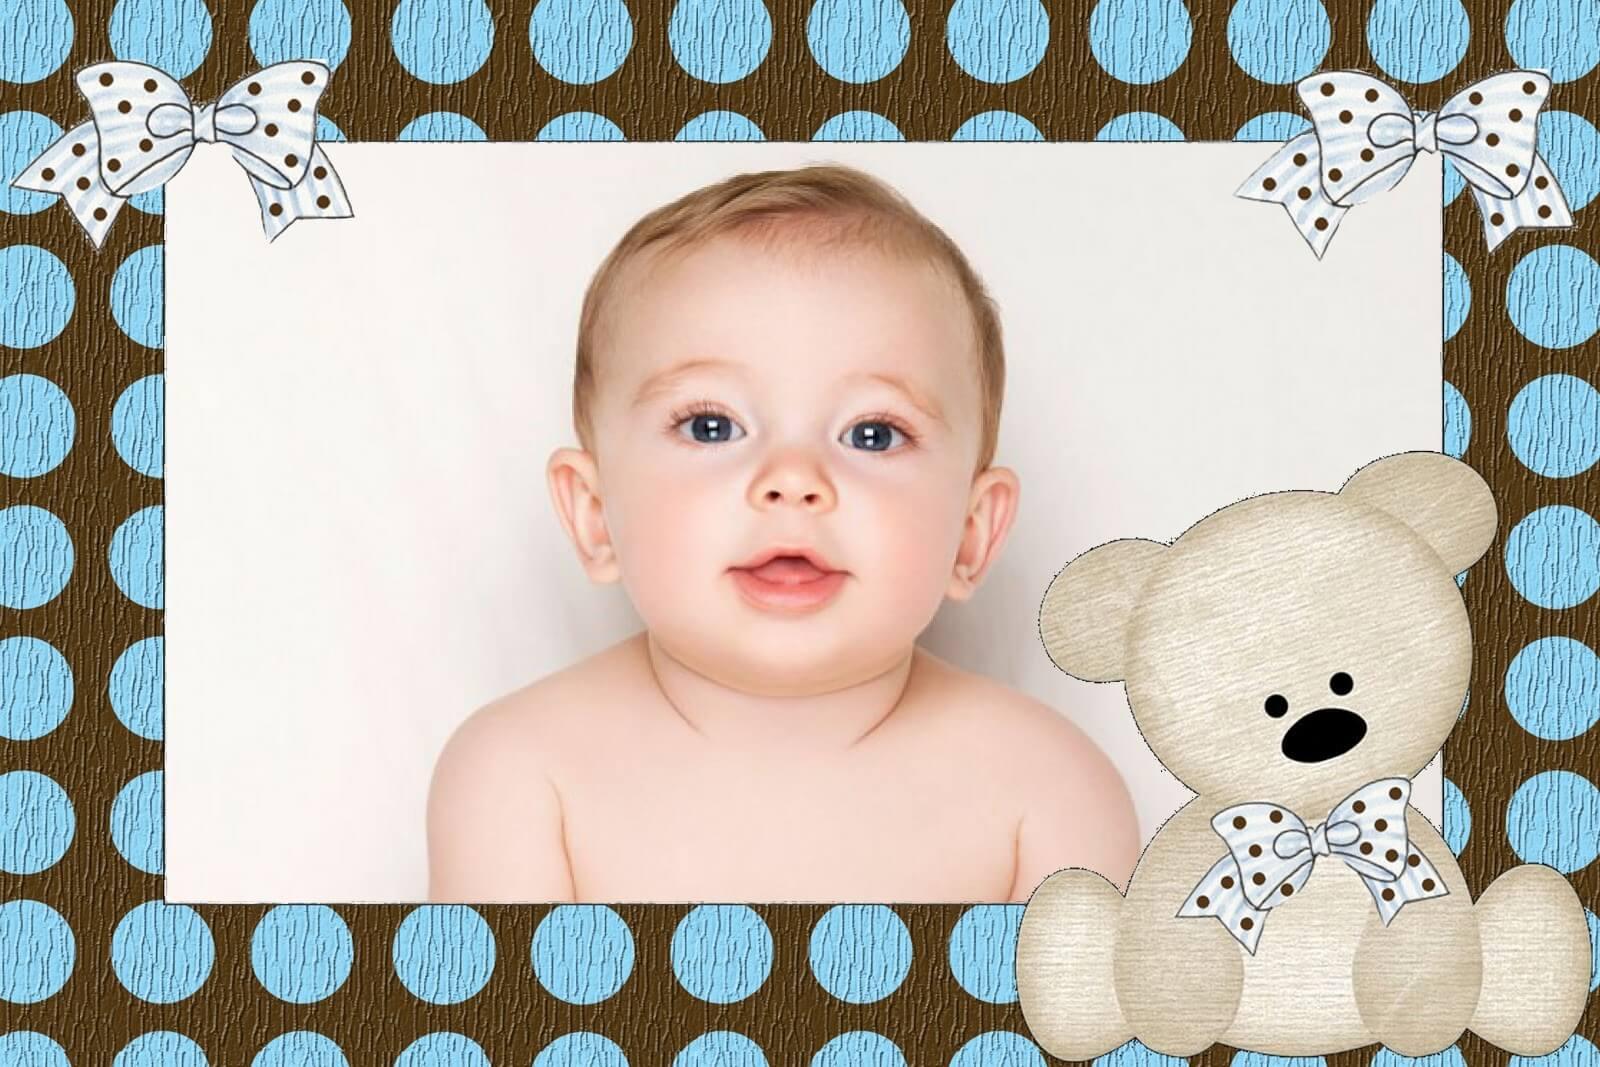 moldura-de-fotos-com-ursinho-infantil